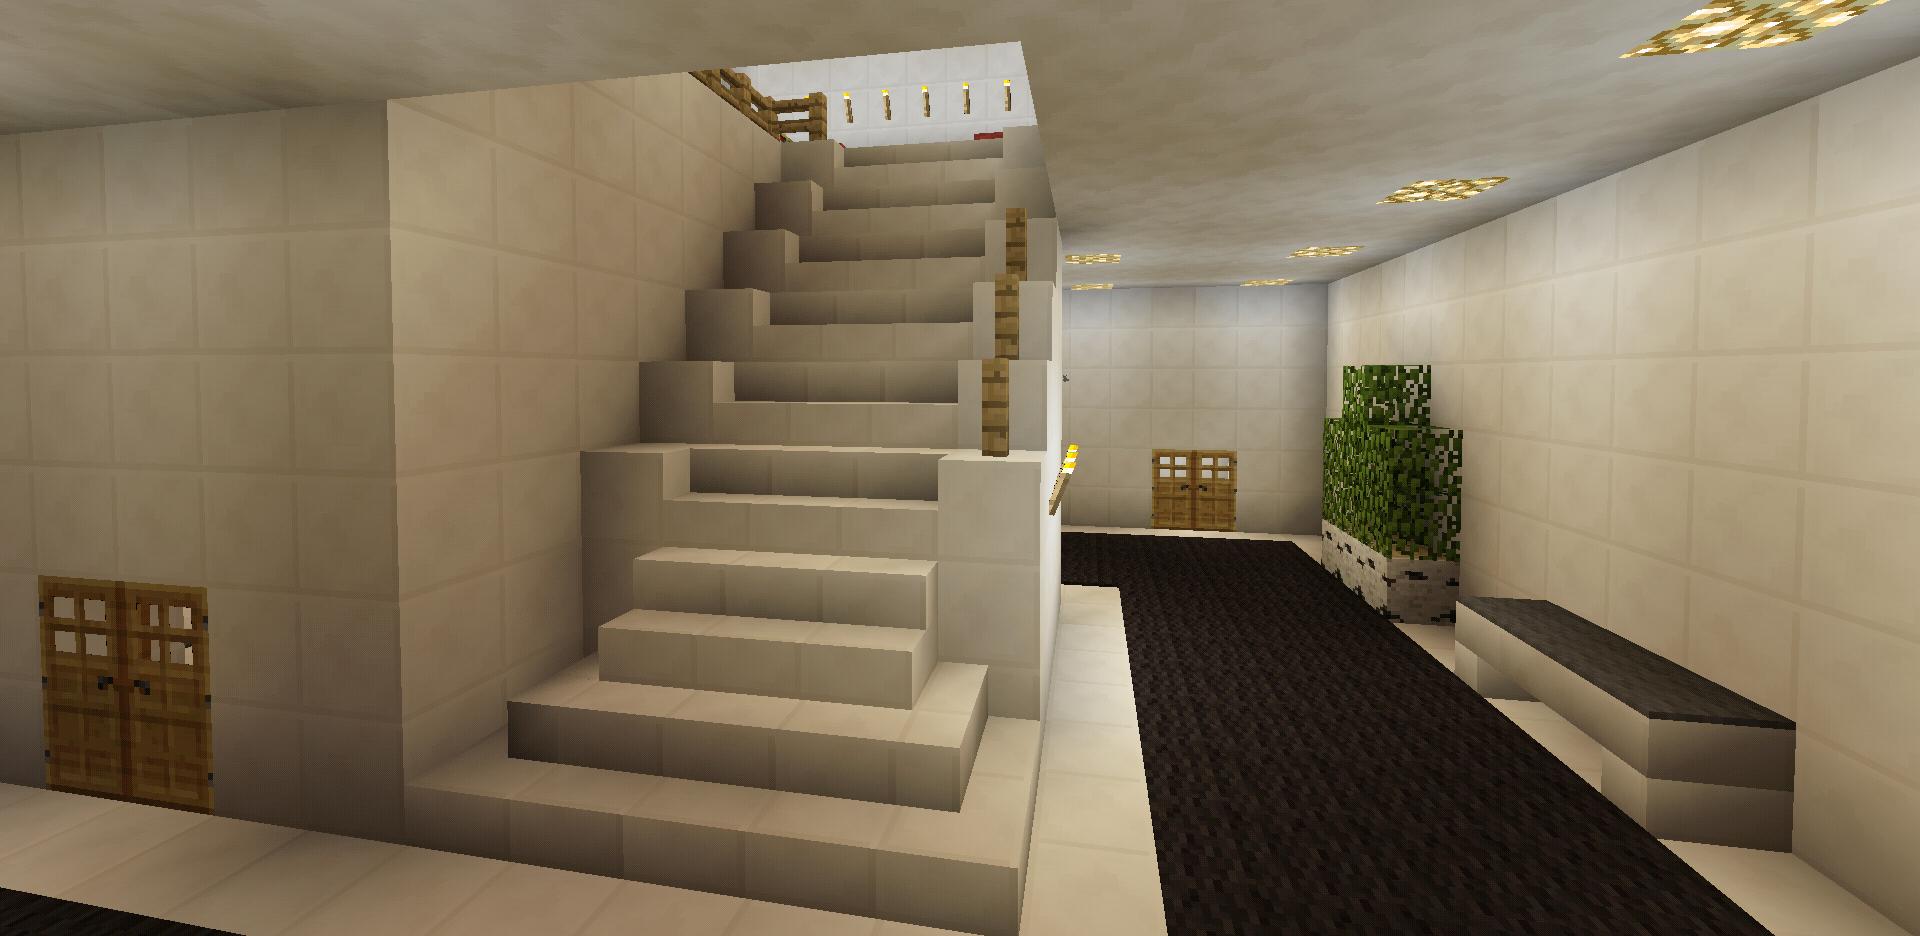 Minecraft Stairs Staircase Minecraft Creations Minecraft